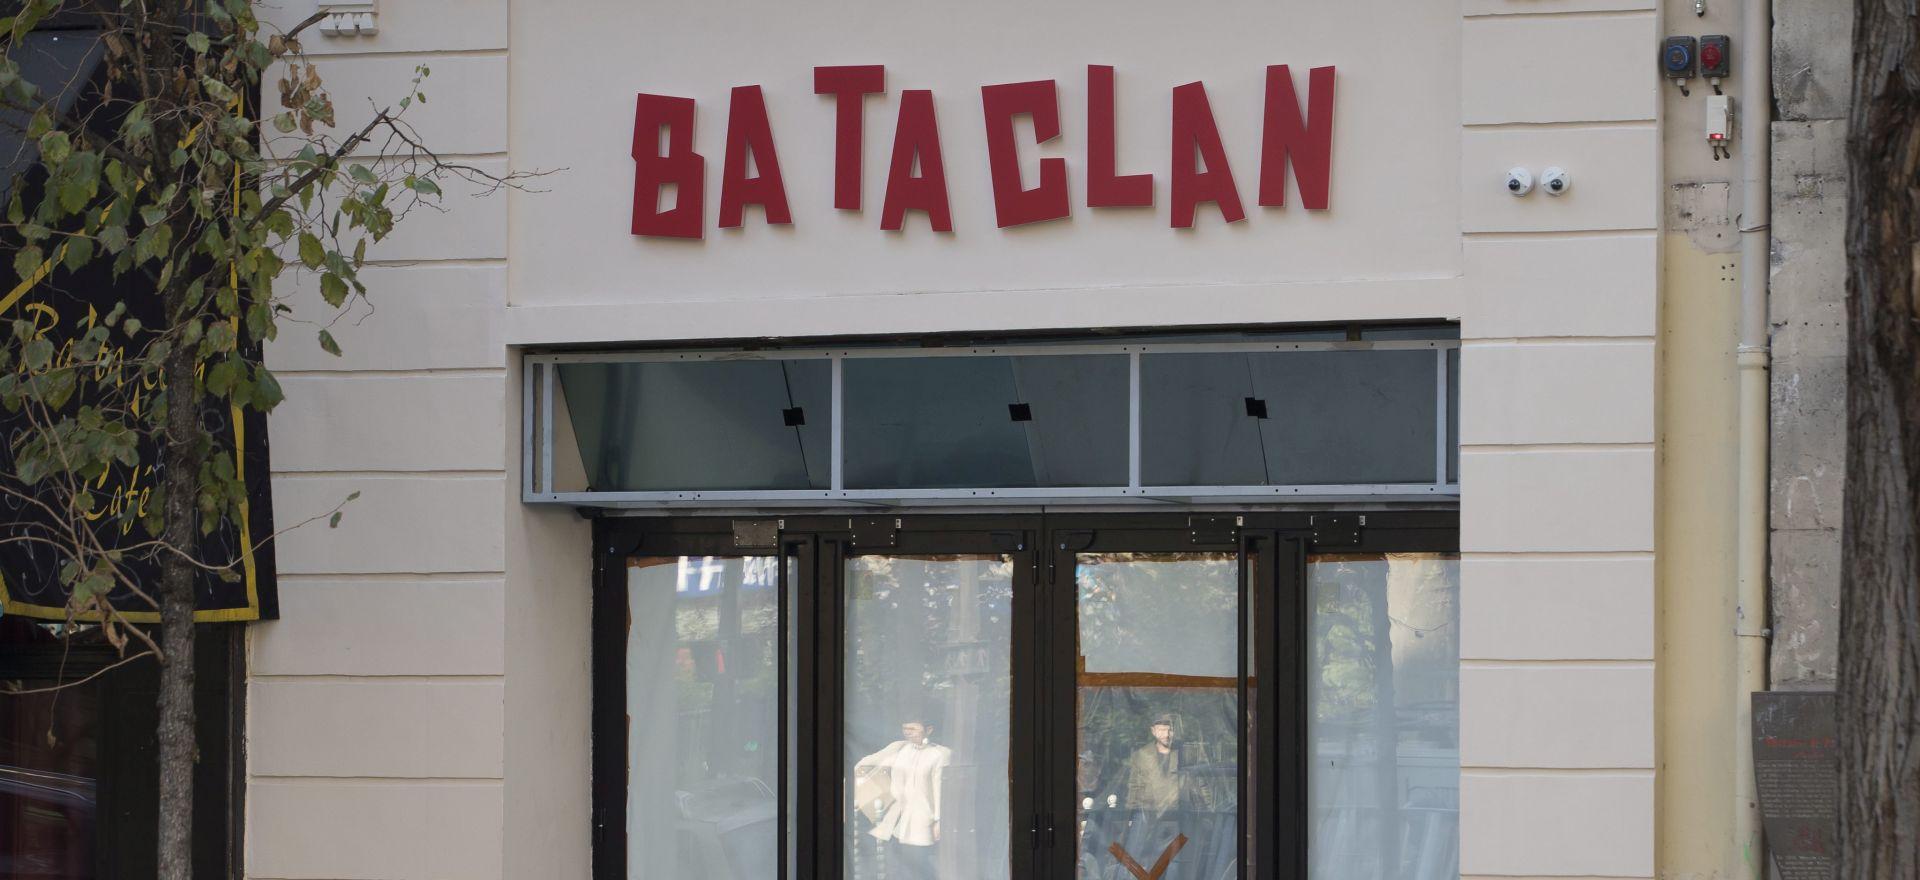 PRVA OBLJETNICA MASAKRA Sting koncertom ponovno otvara Bataclan